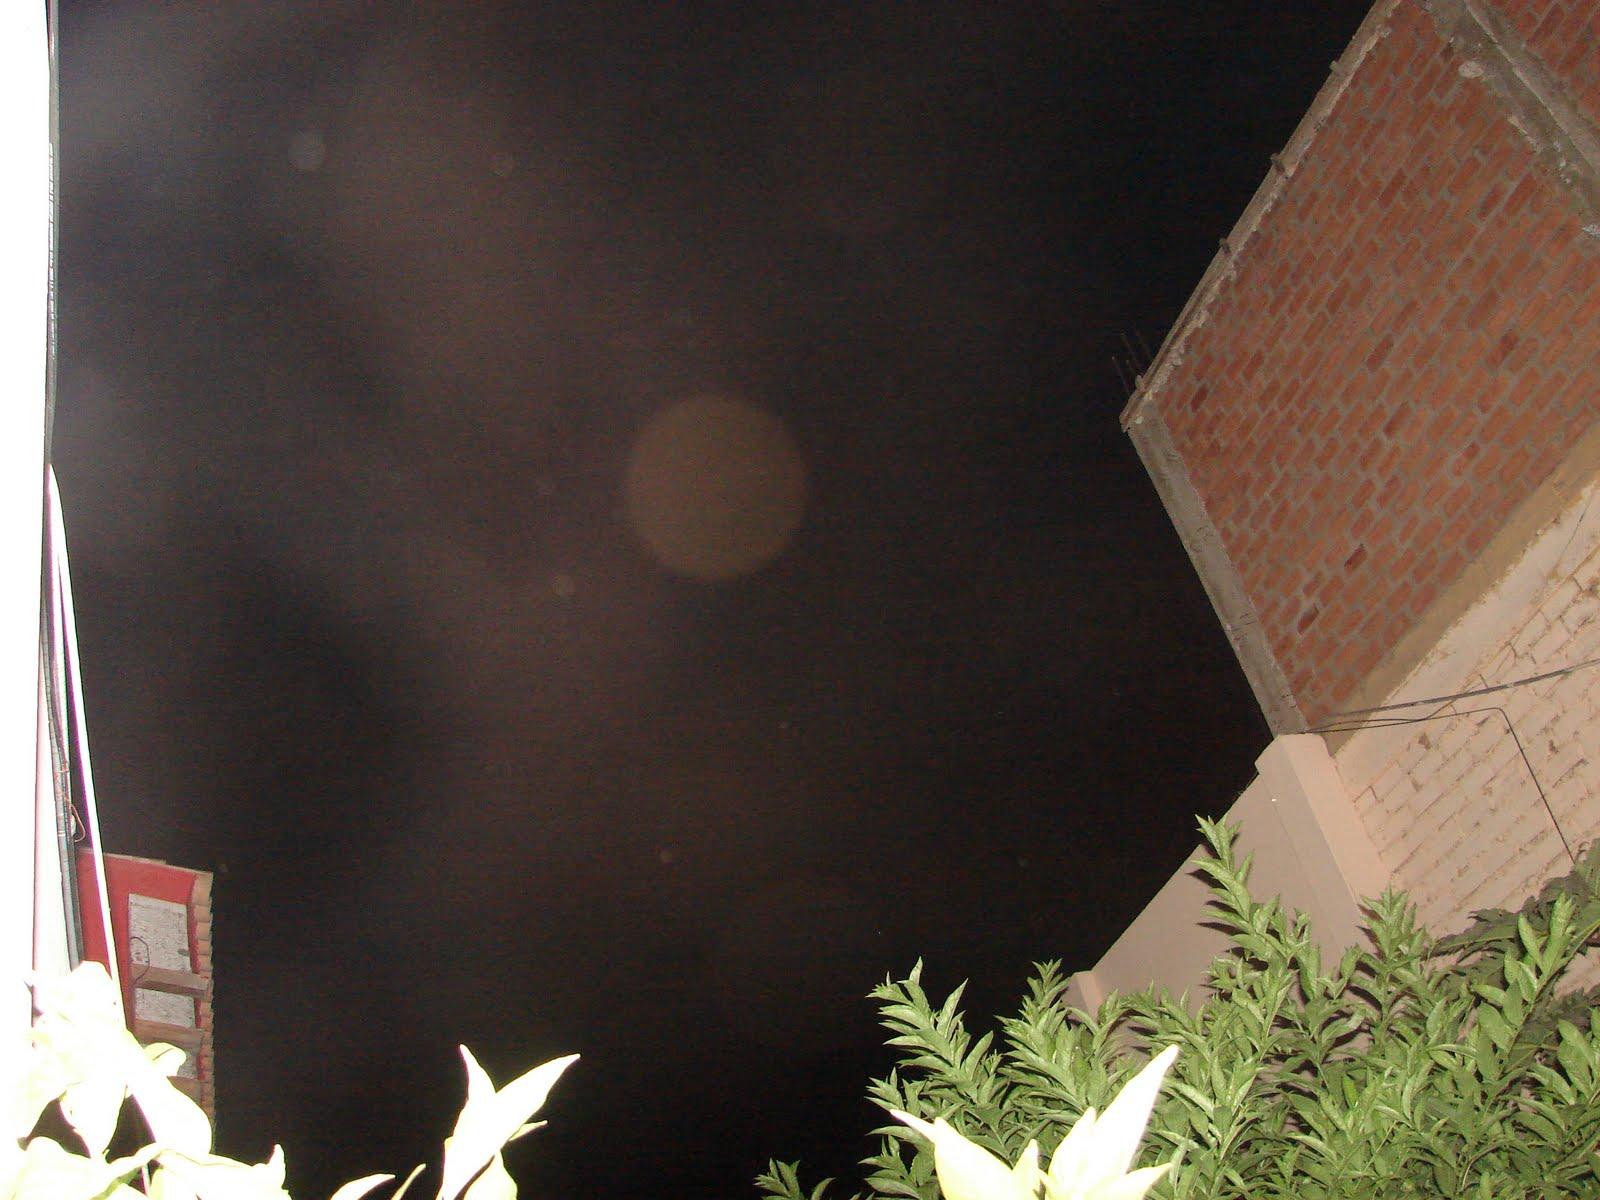 ATENCION-14-15-16-17-...2011 AVISTAMIENTO OVNI ´´X´´por,5ta,noche,sec,ufo..